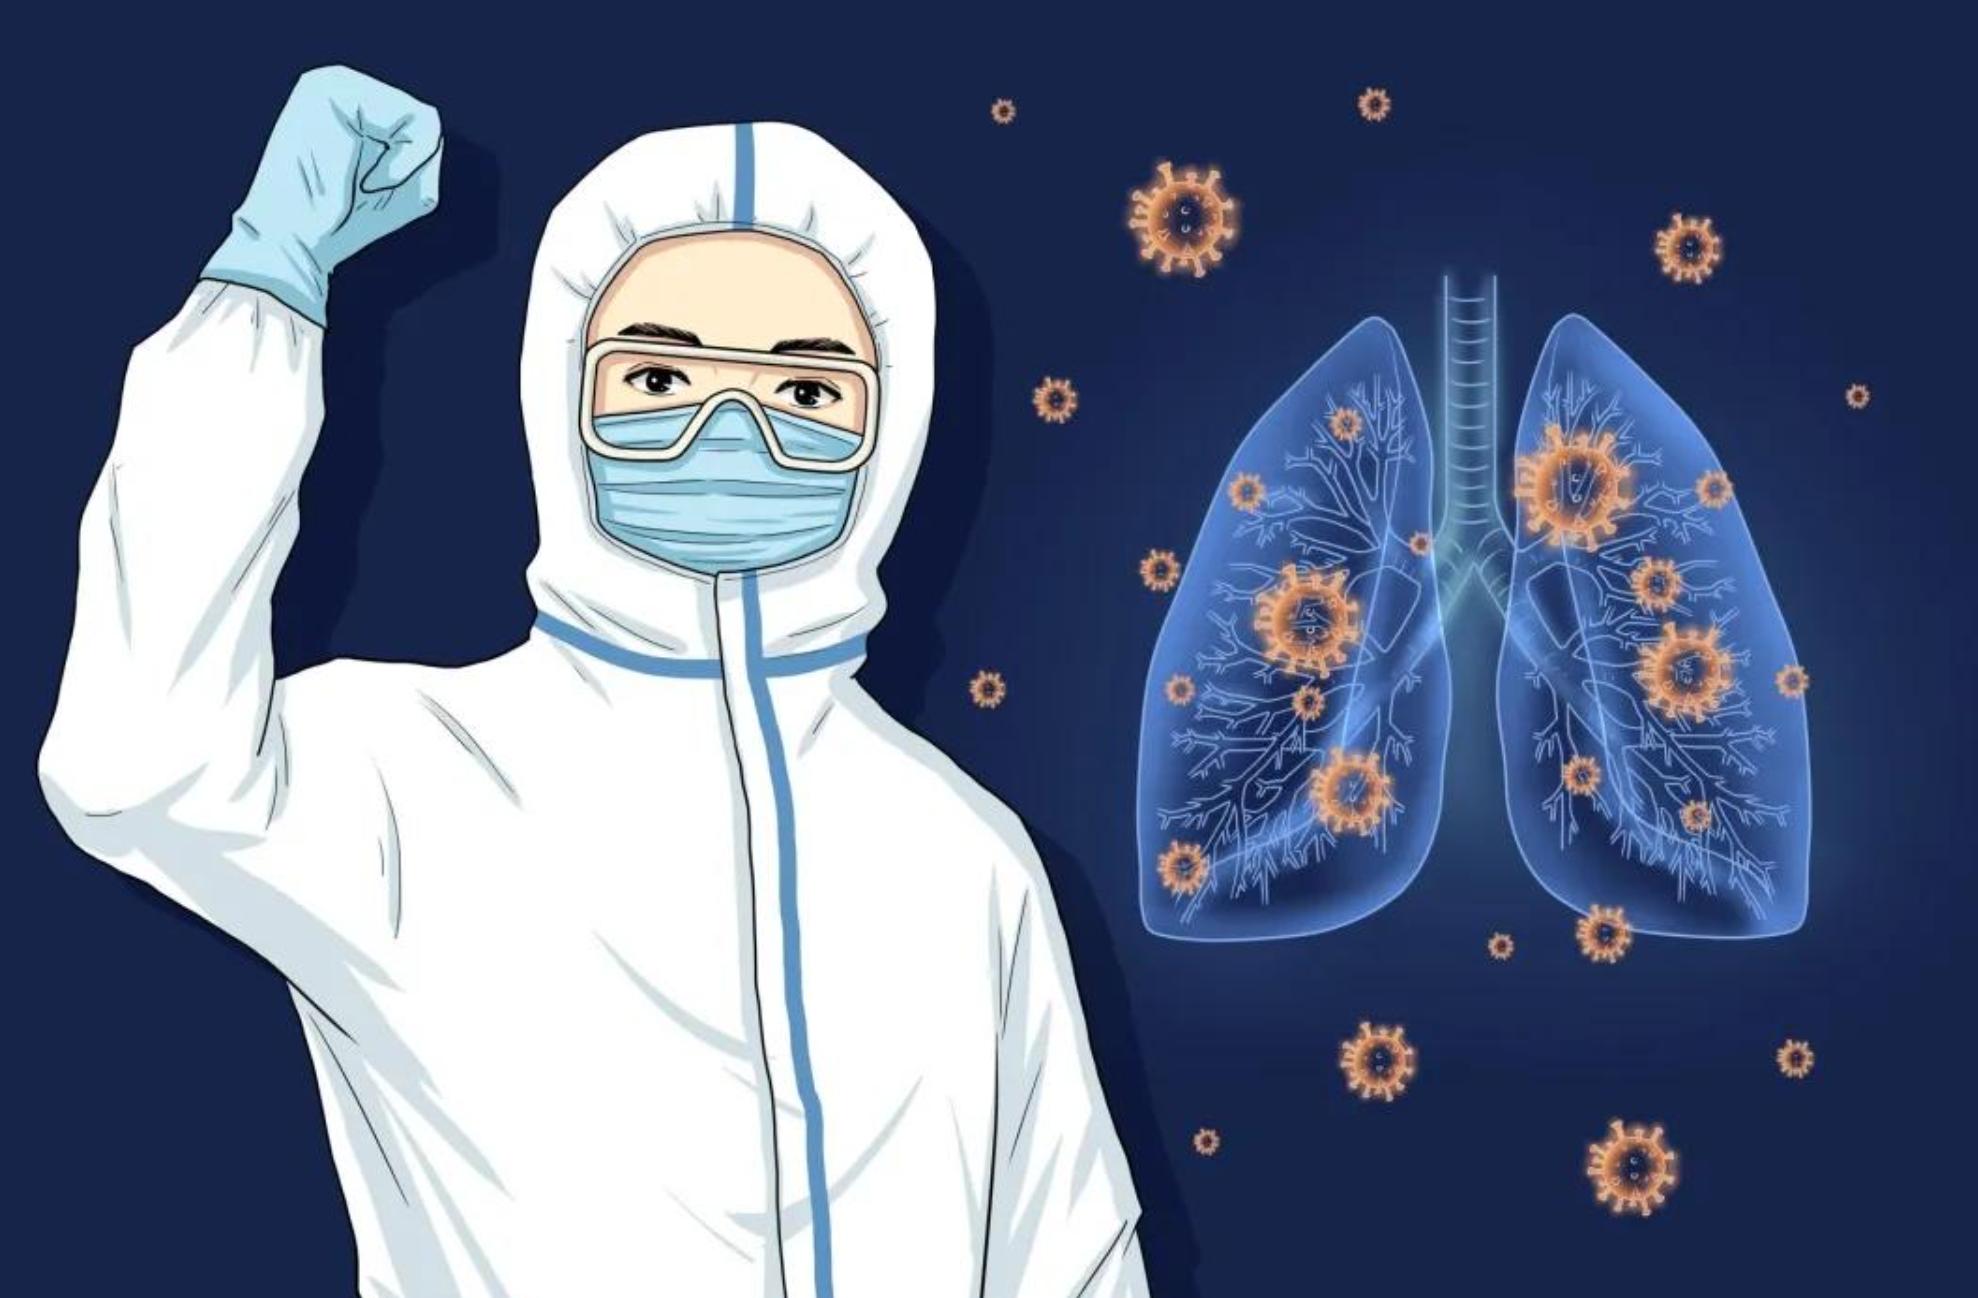 昨日,广东省新增本土确诊病例15例!在建工地如何提升防疫能力?